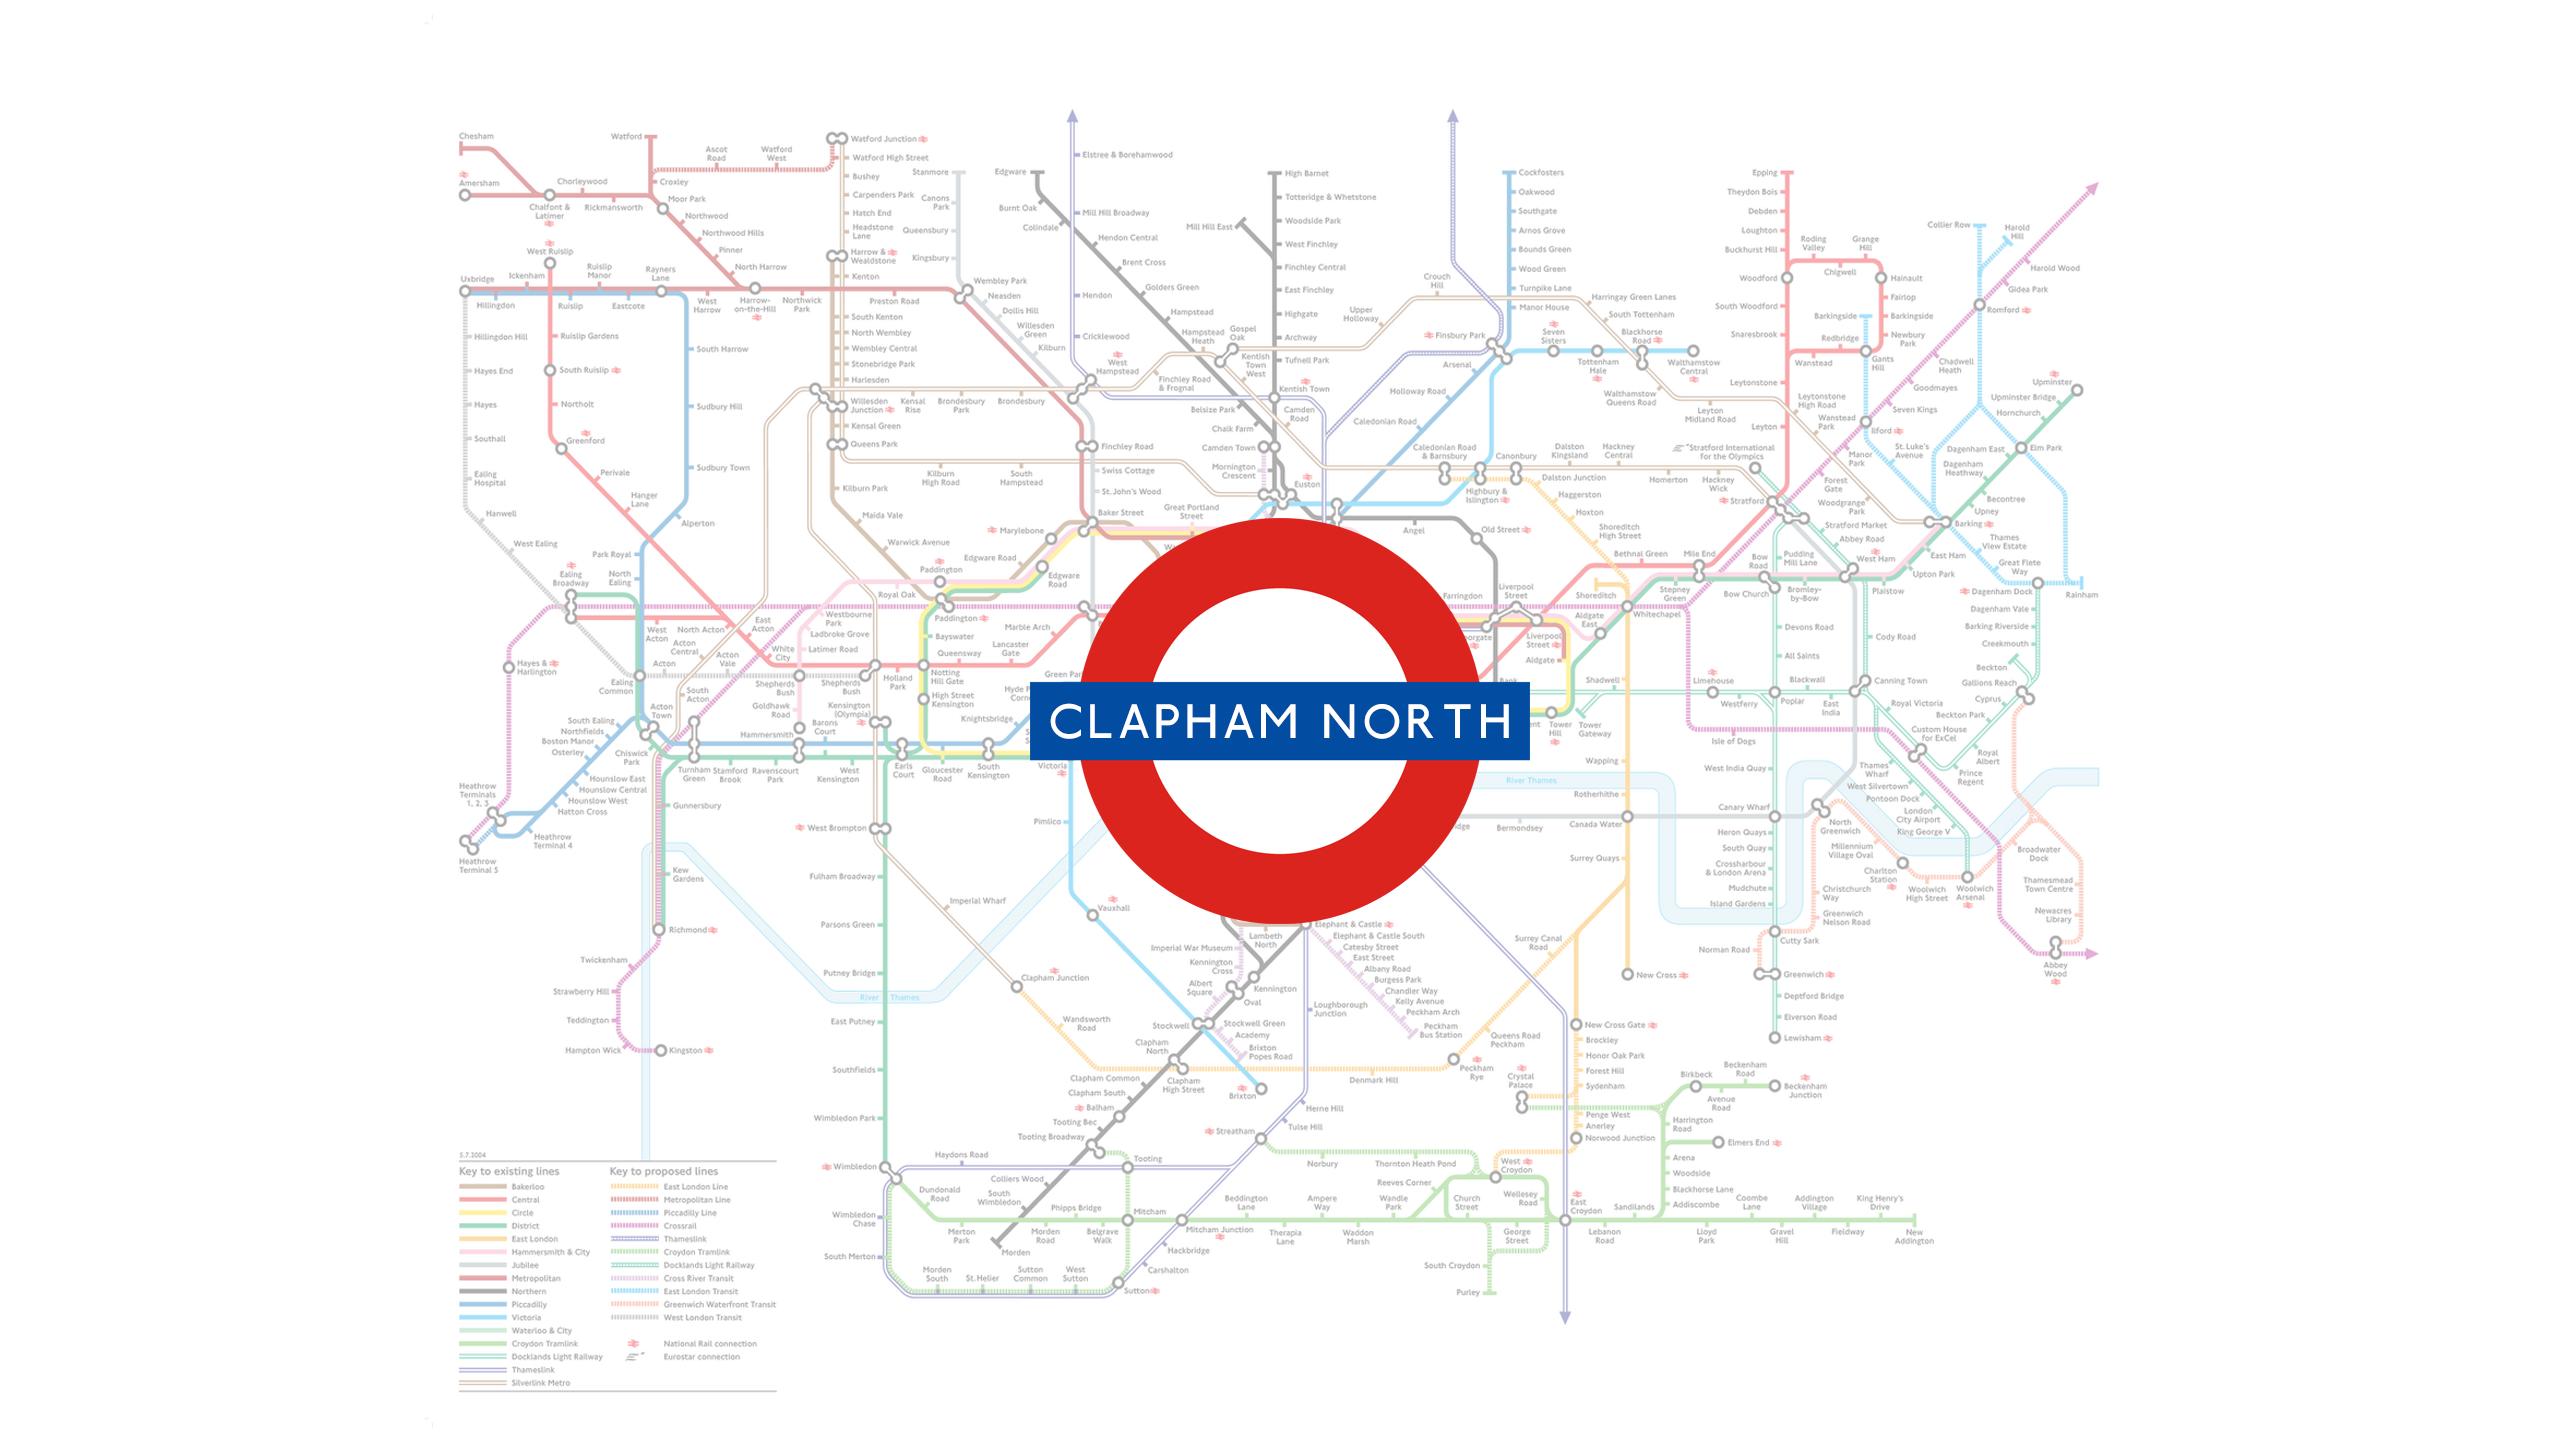 Clapham North (Map)